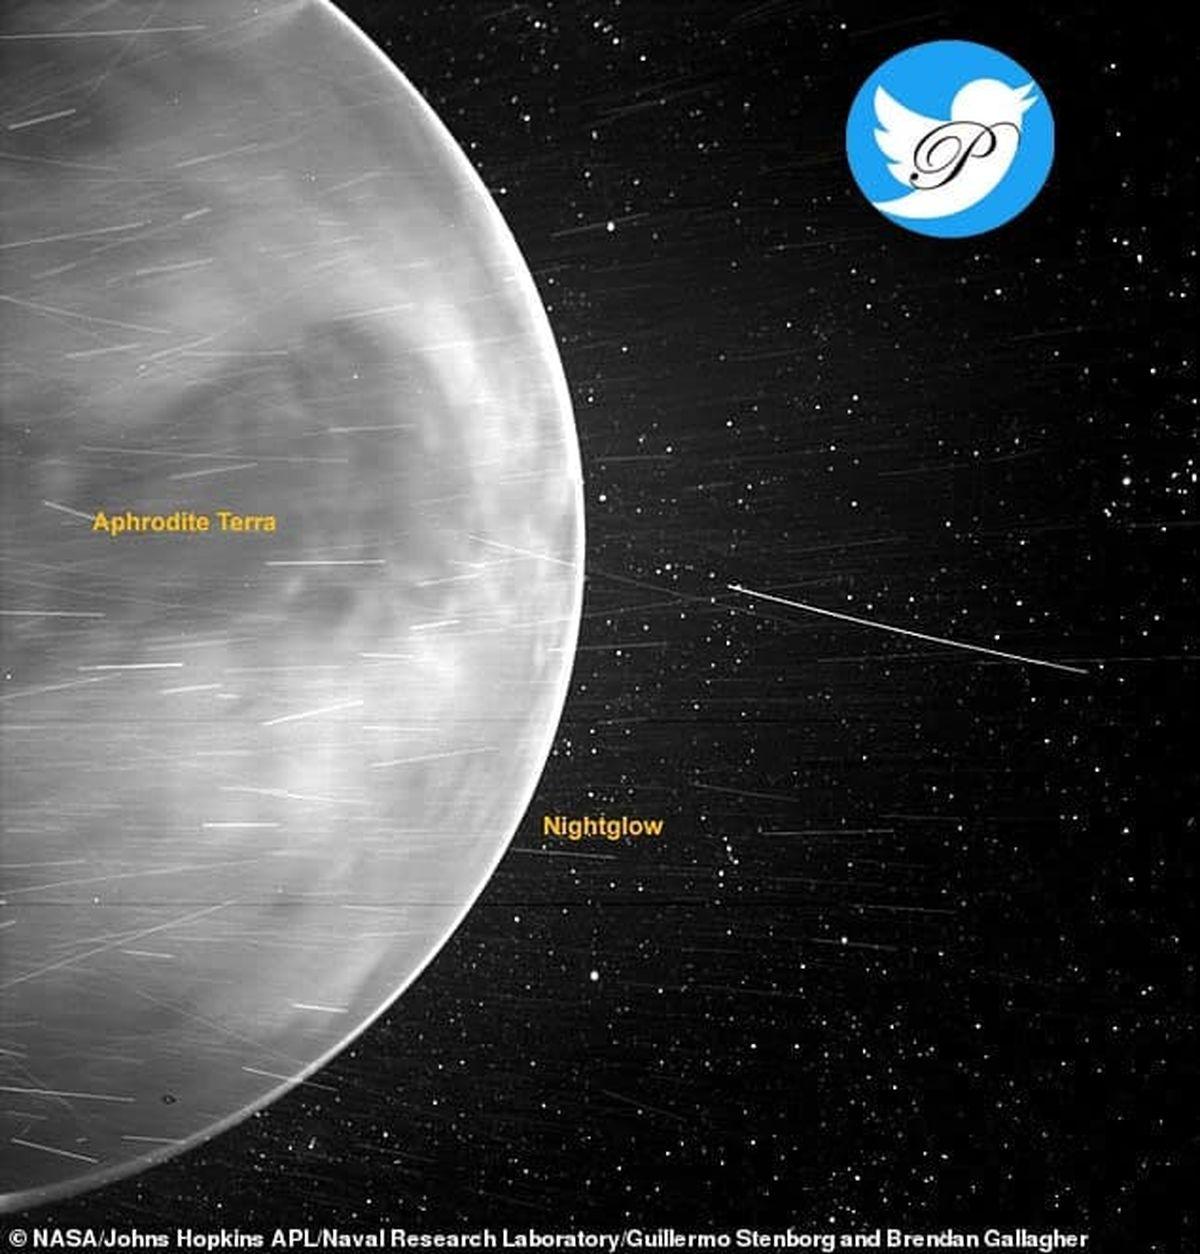 تصویر کم نظیر ناسا از سیاره زهره